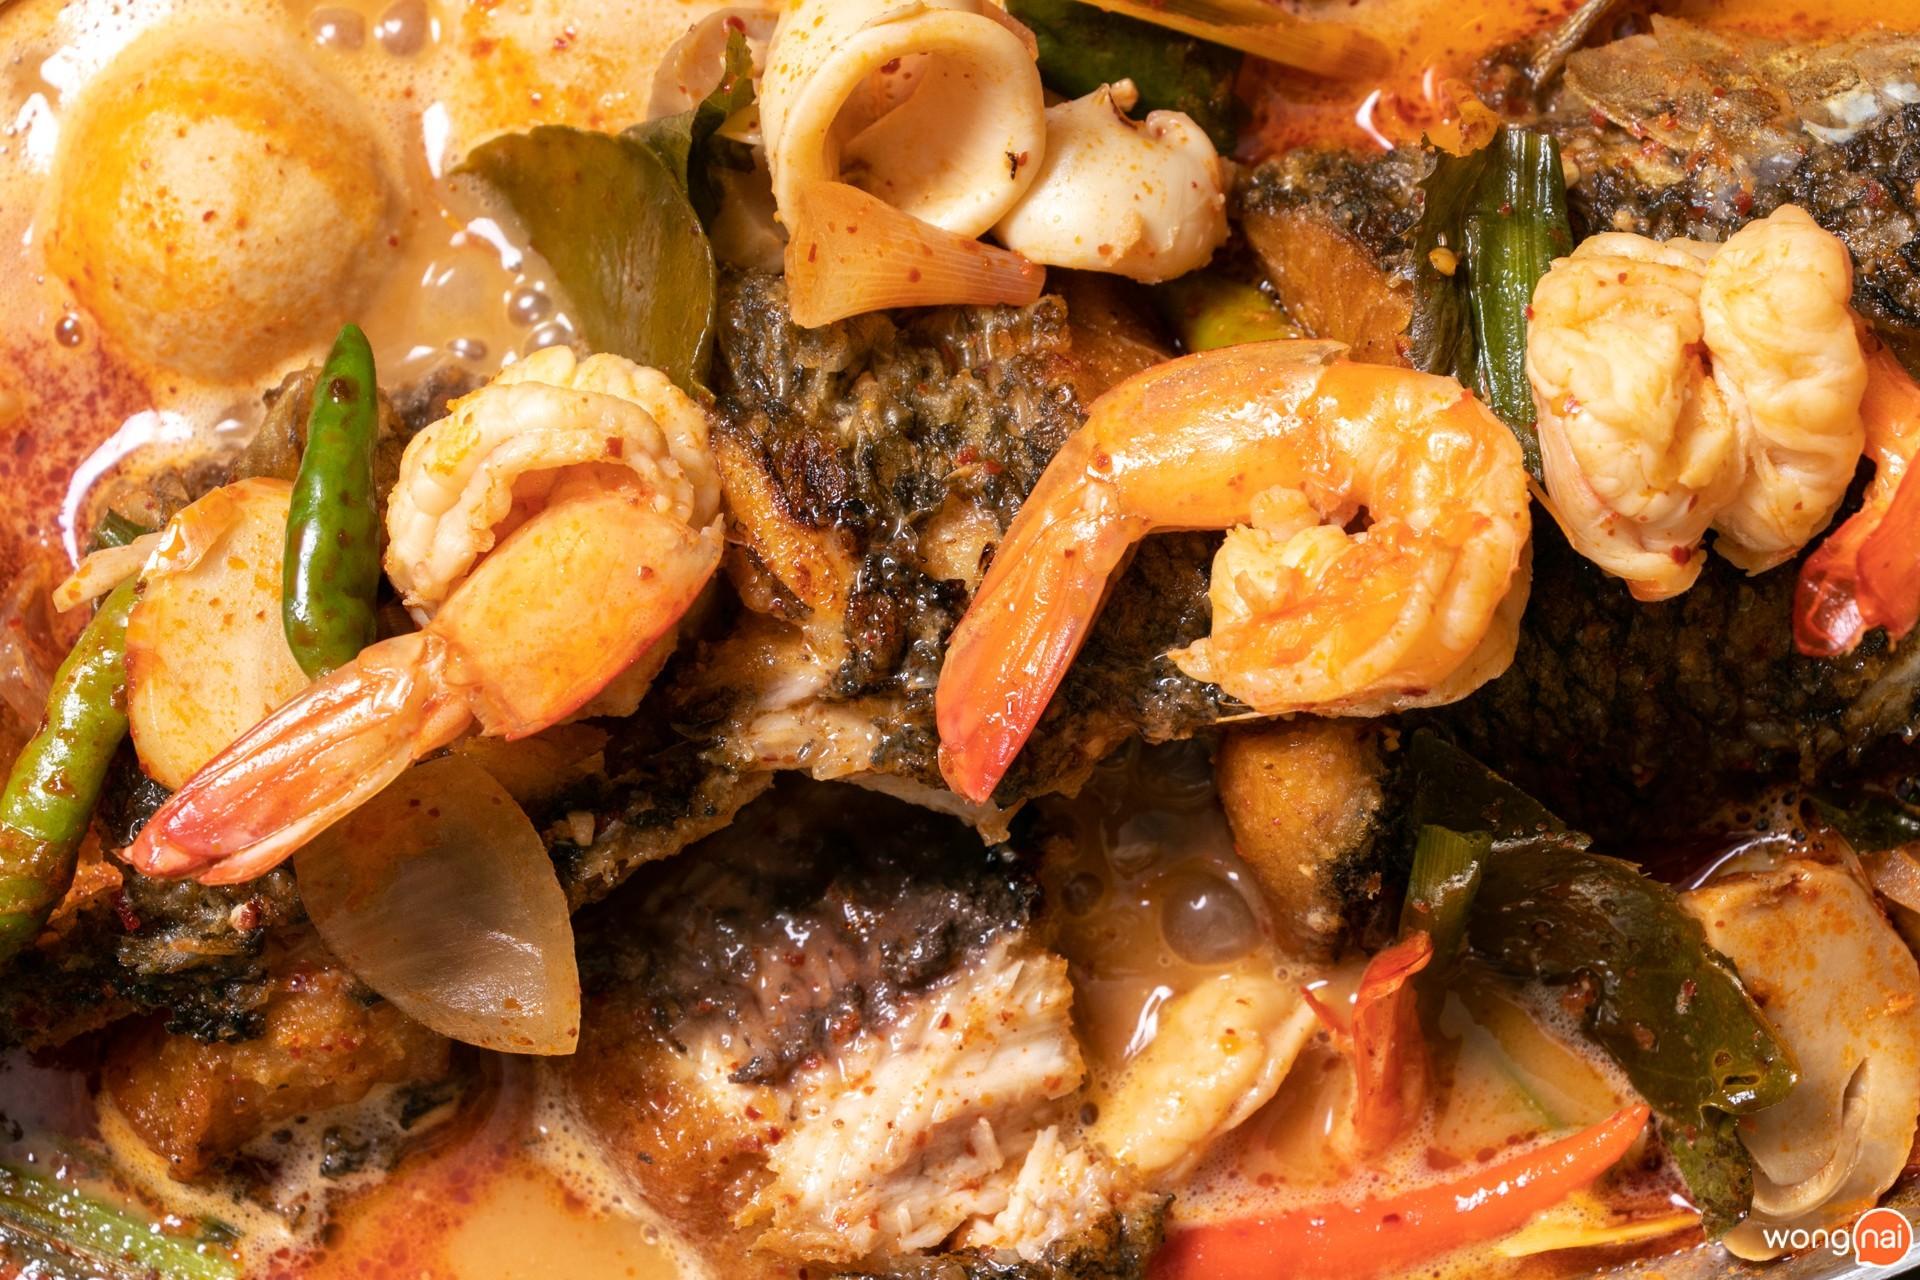 เมนู ปลาช่อนท่องทะเลน้ำข้น ร้าน ข้าวเม่า เชียงใหม่ Kowmao Cafe & Restaurant เชียงใหม่